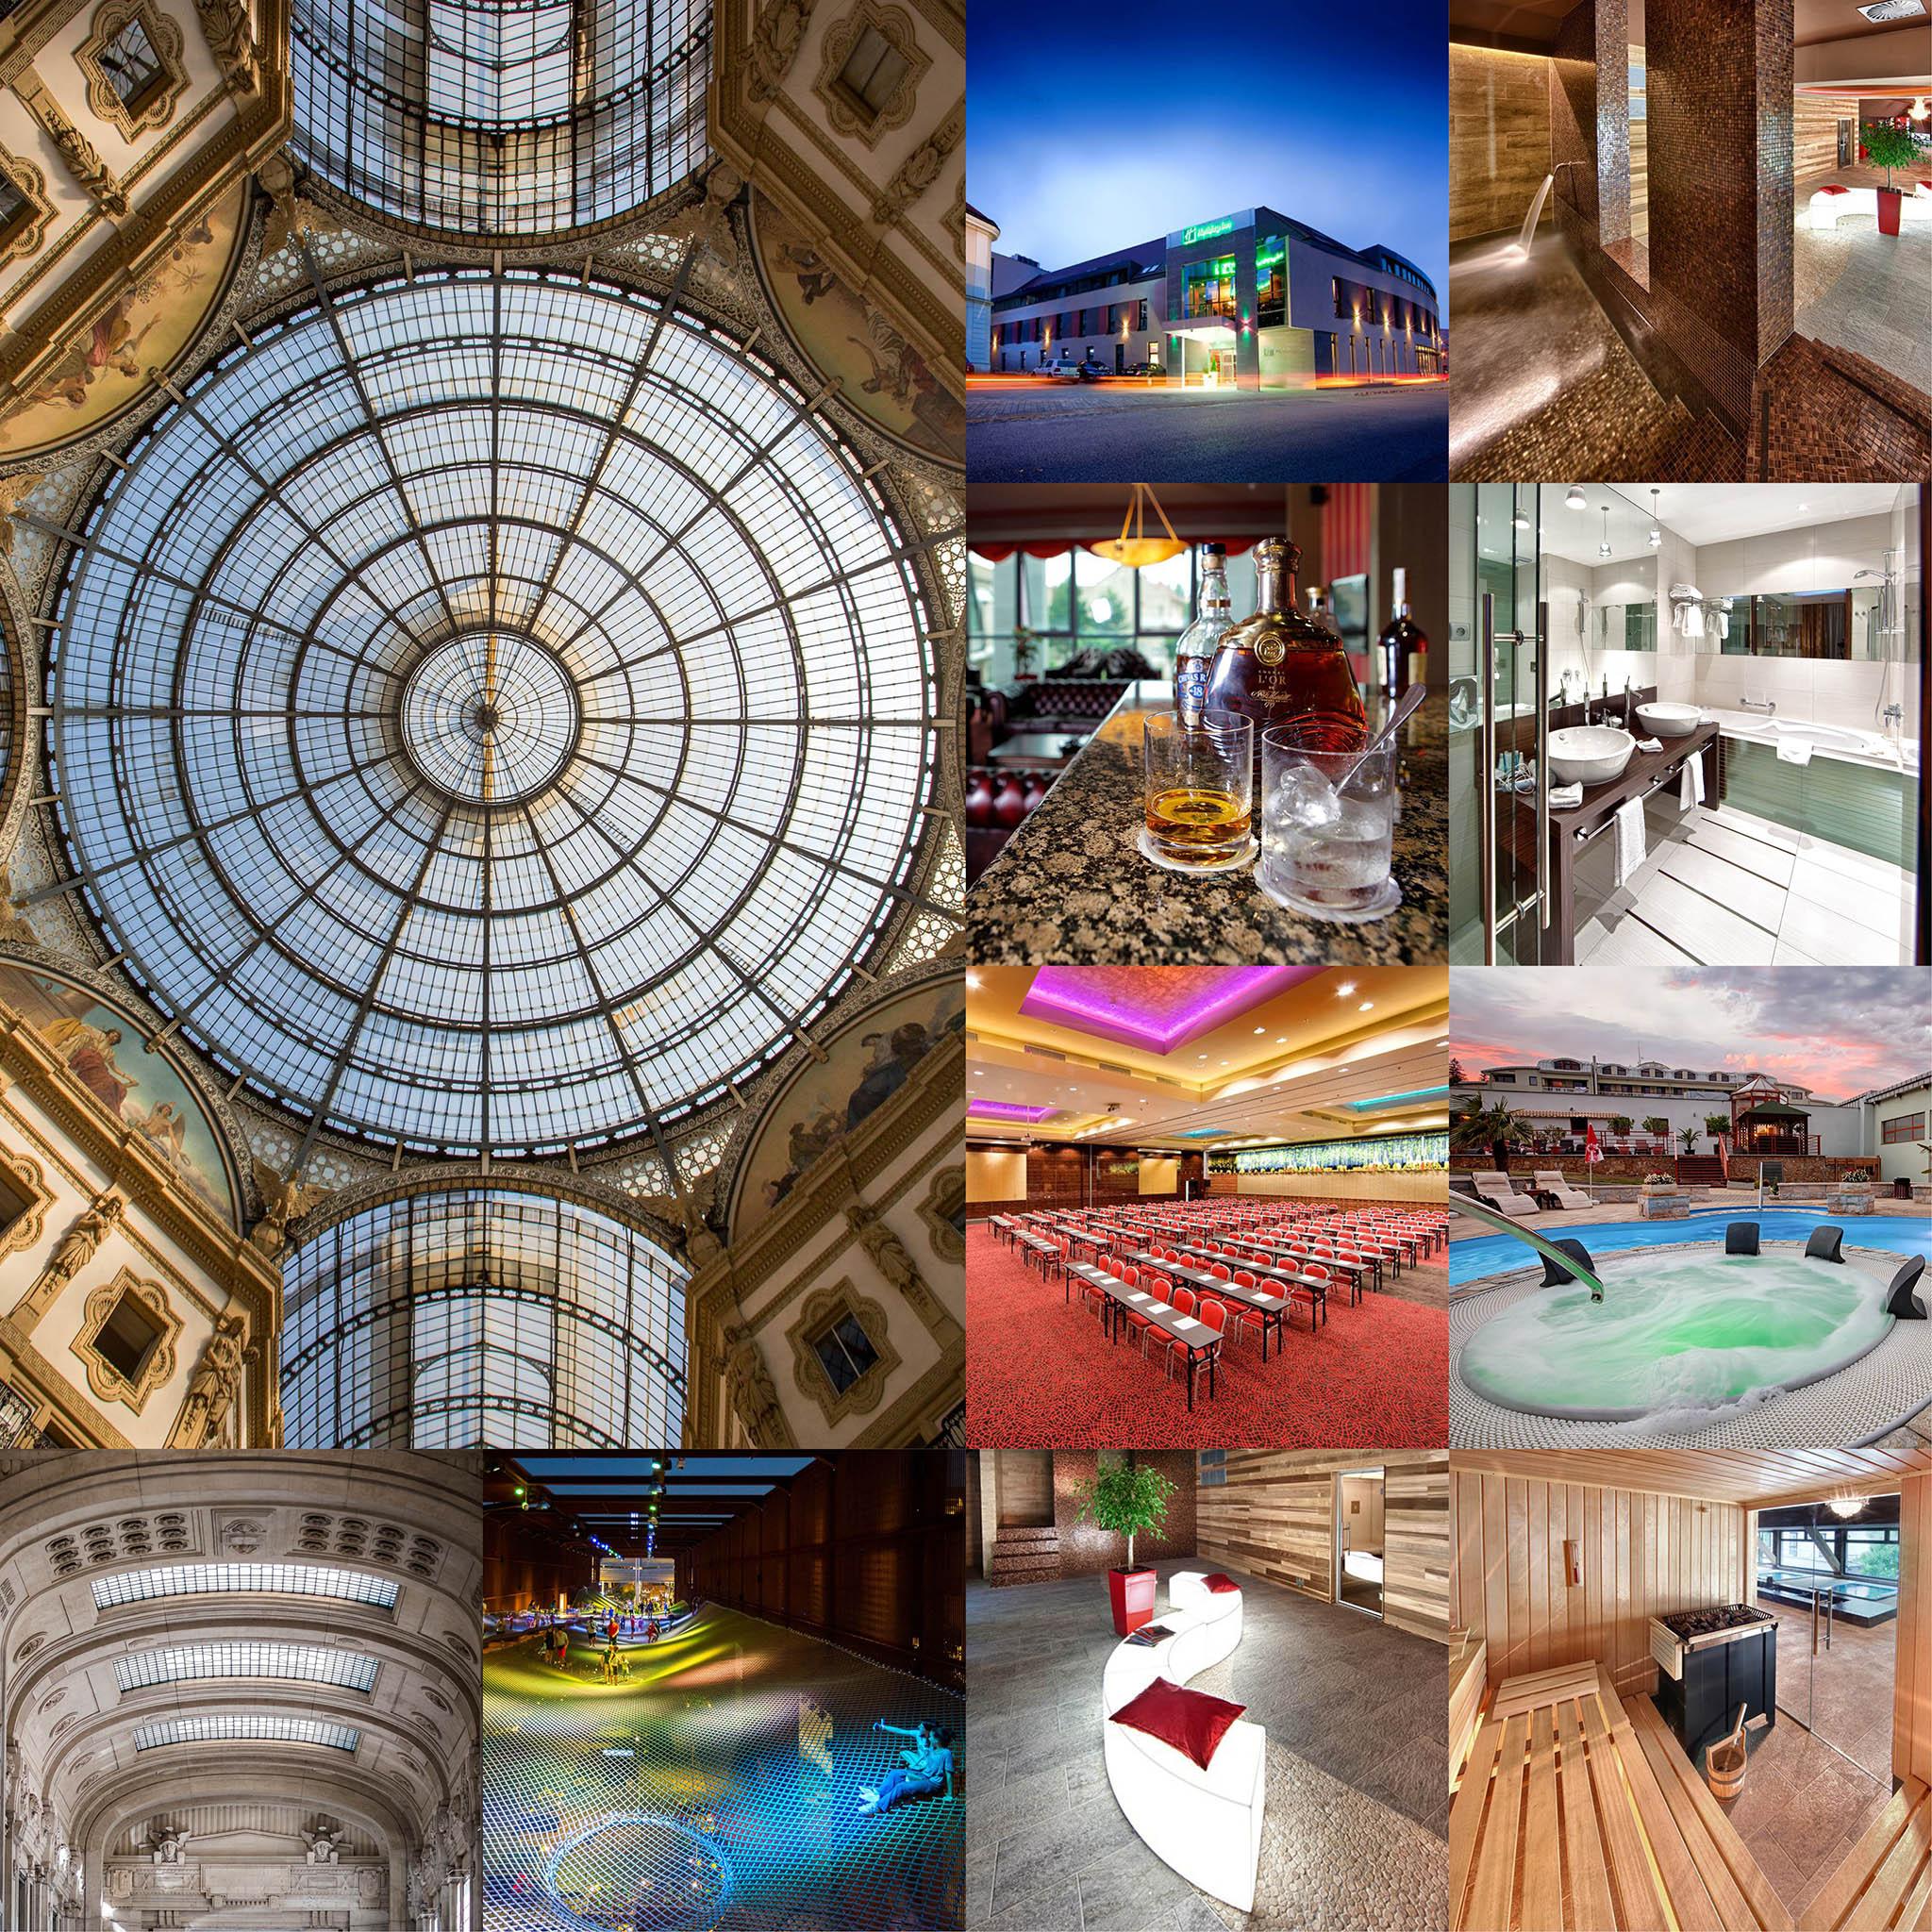 Nafotenie firemných reklamných fotografií a architektúry